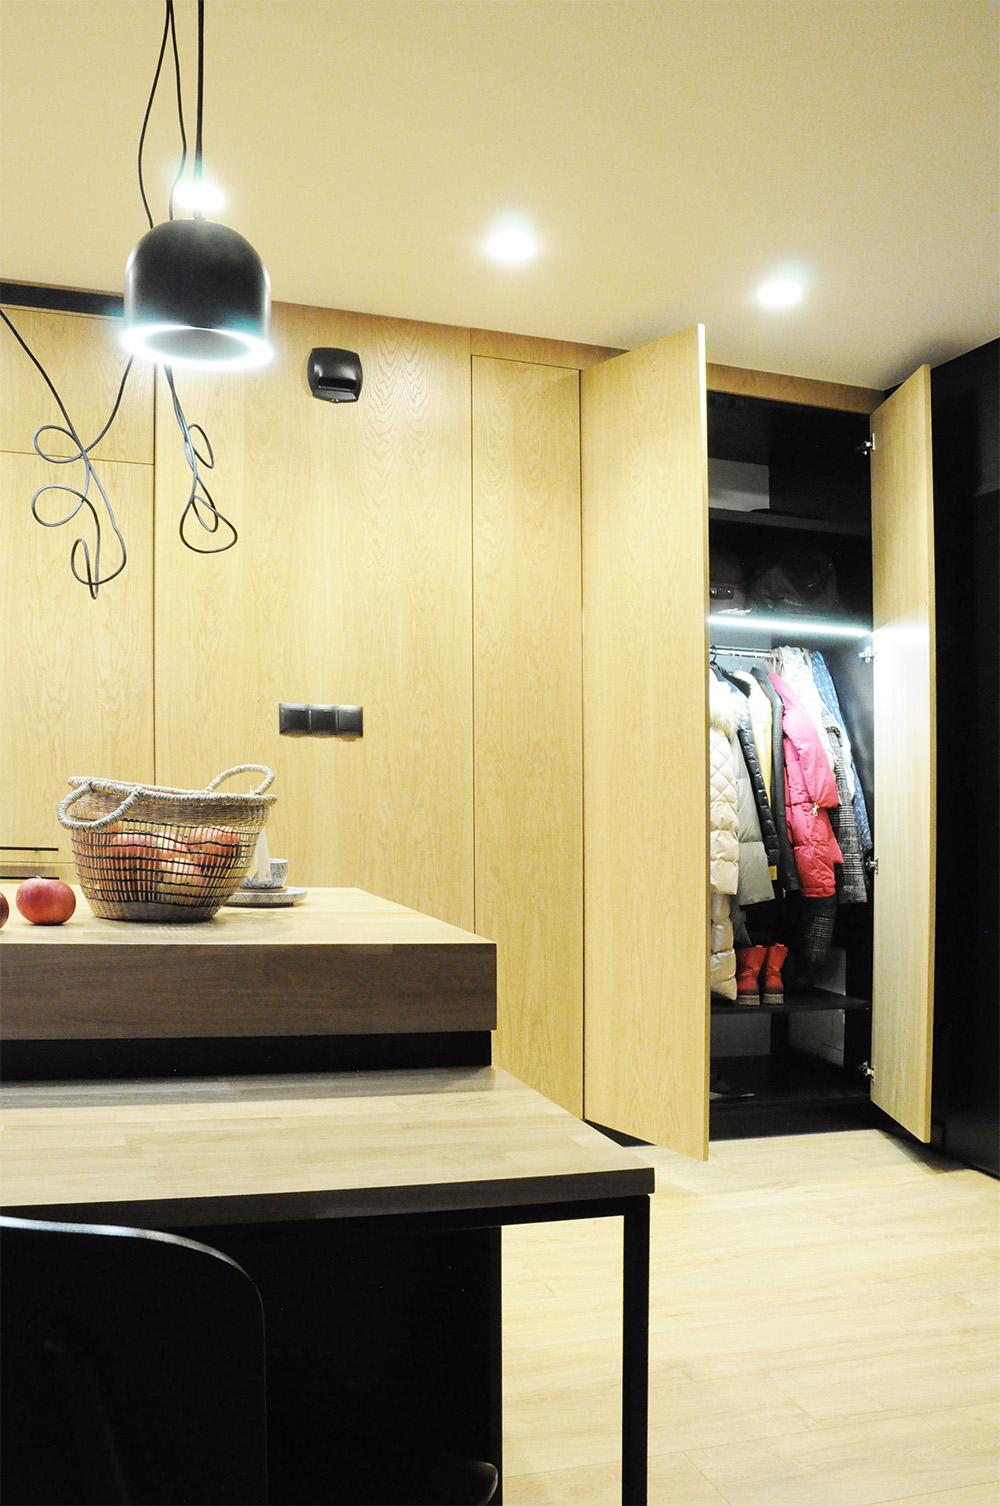 Po otwarciu drzwi szafy automatycznie włącza się oświetlenie w środku